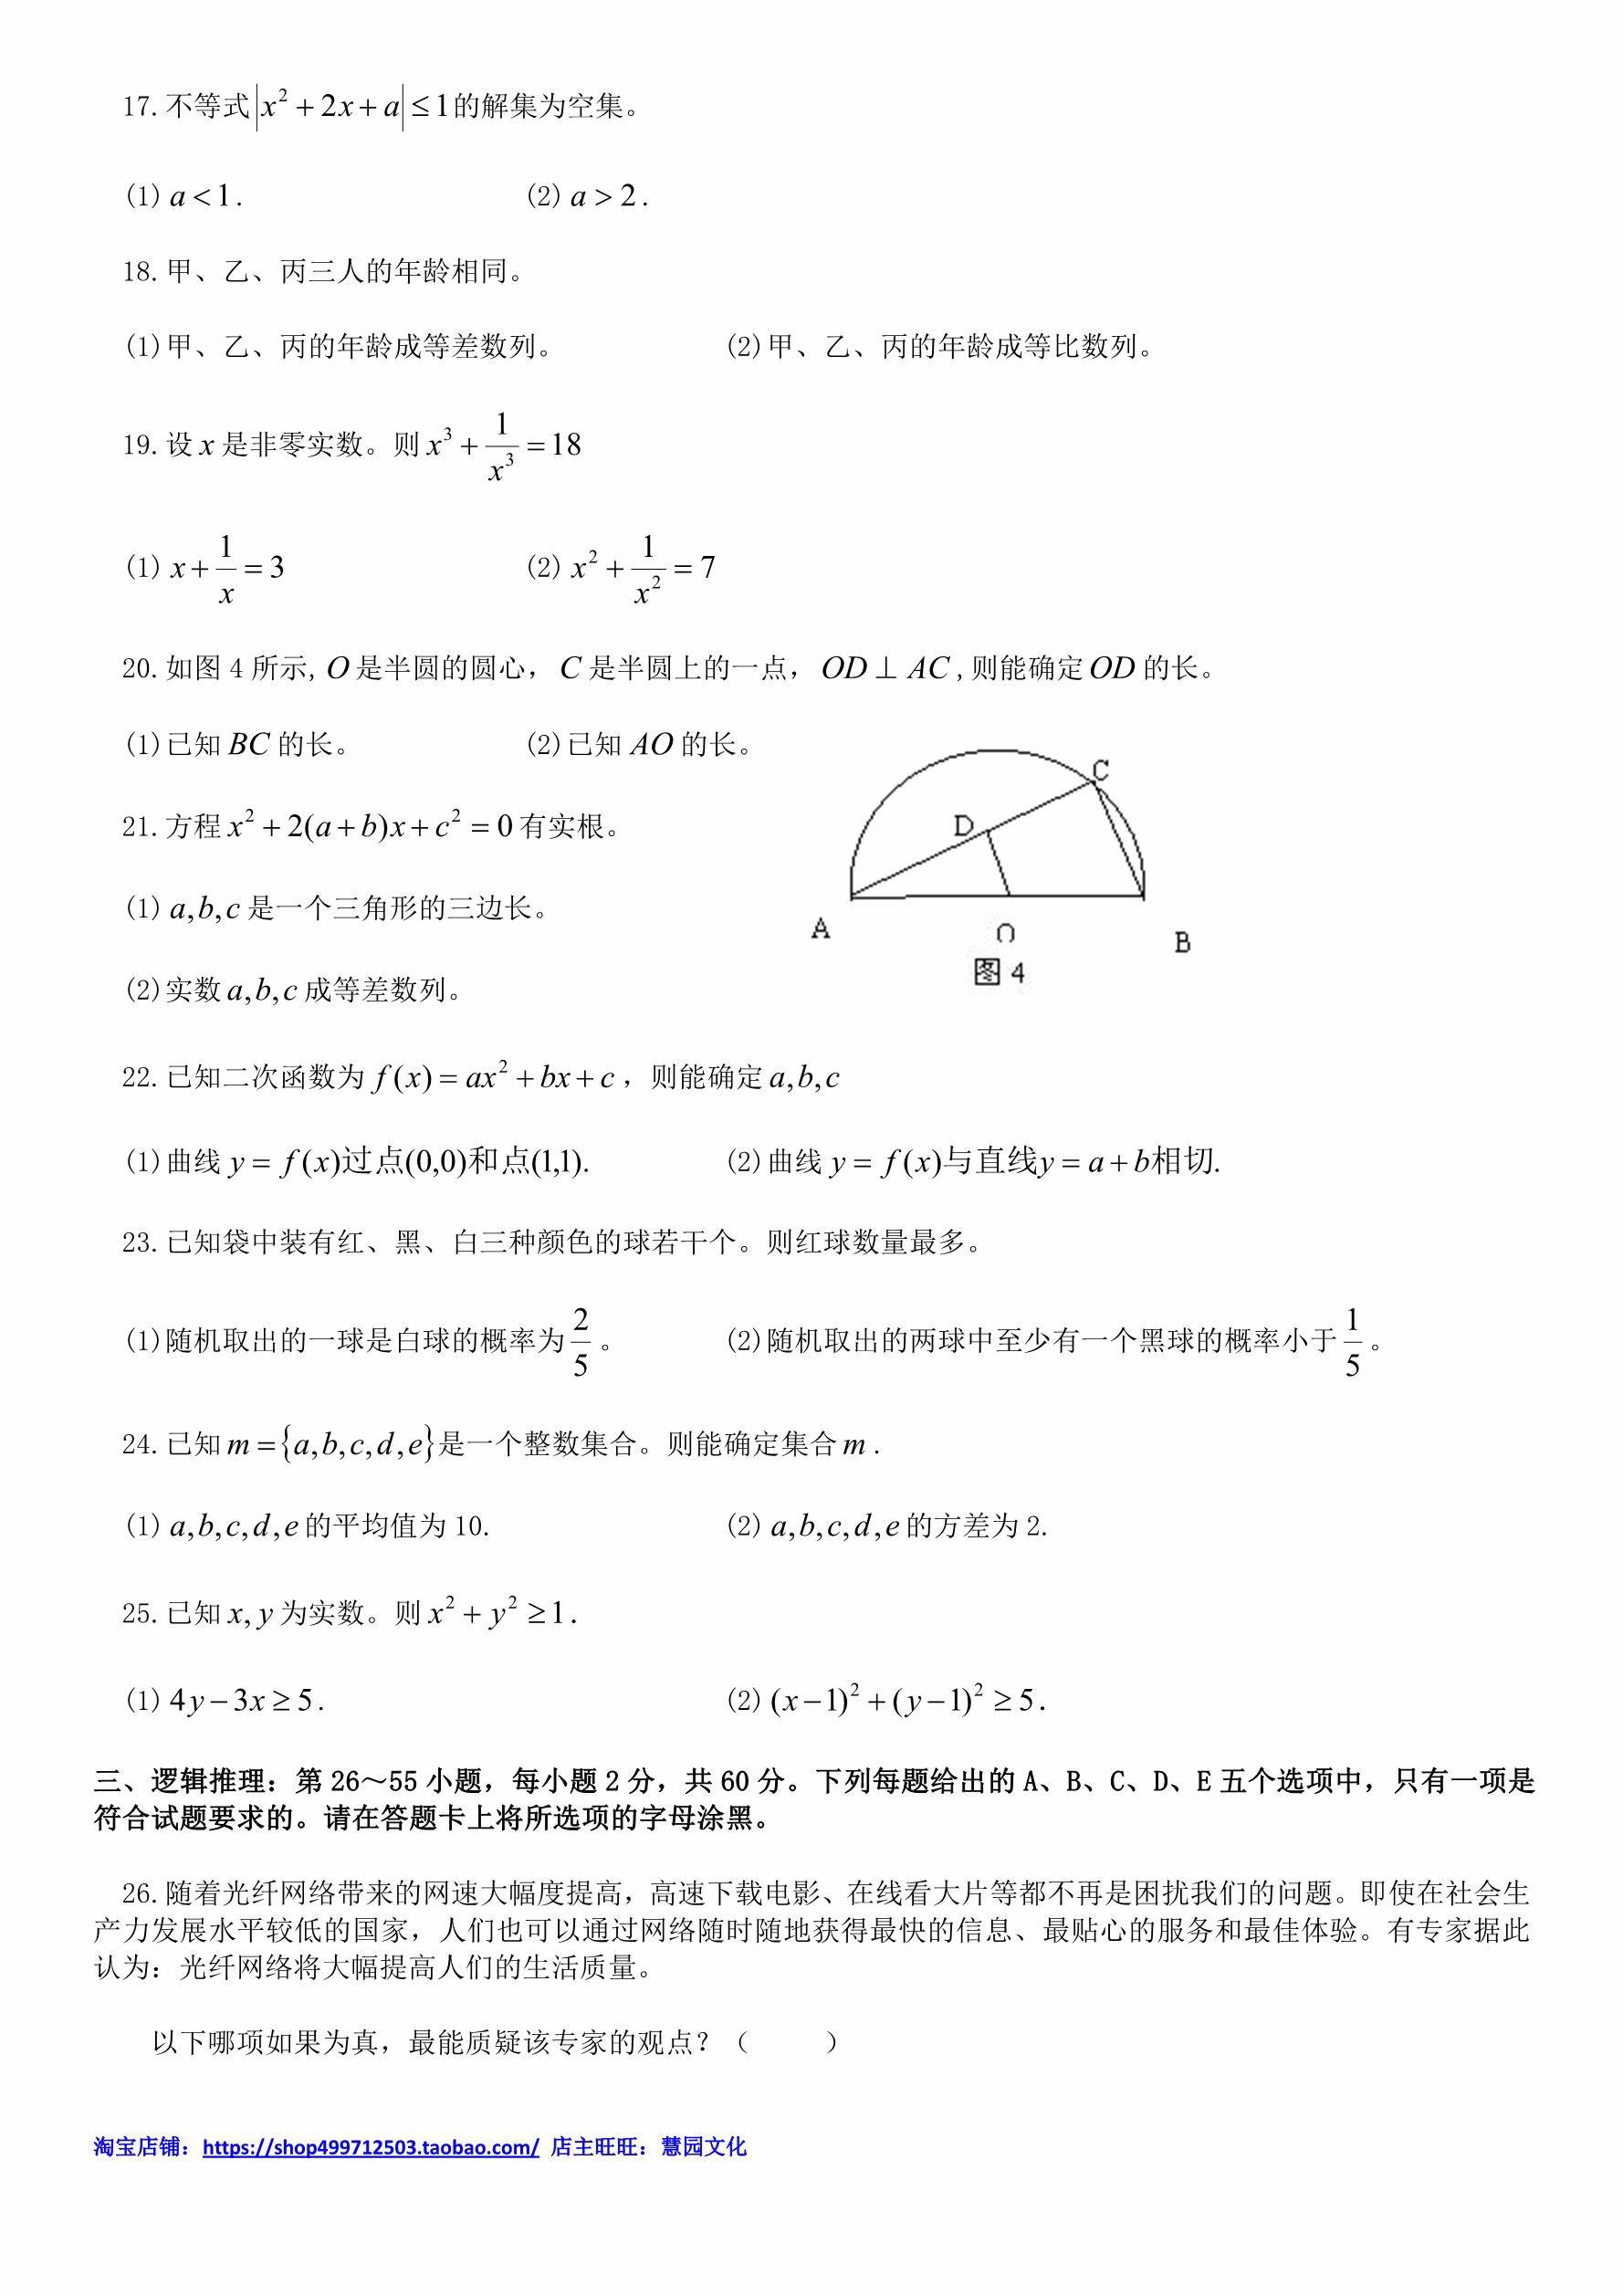 2013年mba联考真题_MBA考研综合真题(2010-2020年)-PDF版Word版_文库-报告厅